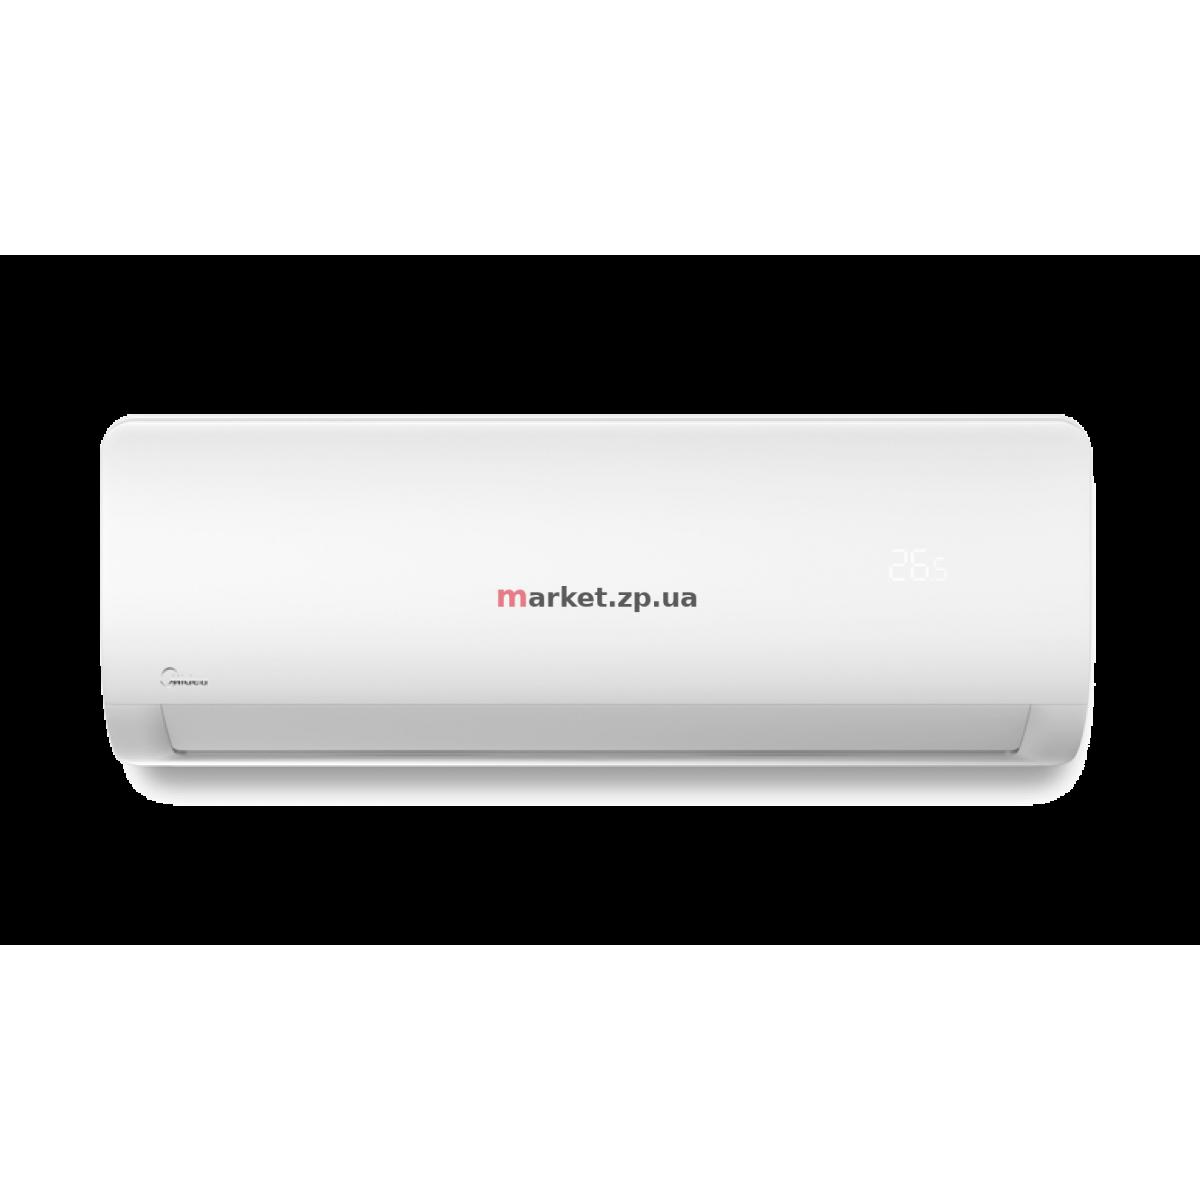 Кондиционер MIDEA AG-09N8C2F-I/AG-09N8C2F-O, серия AG DC Inverter